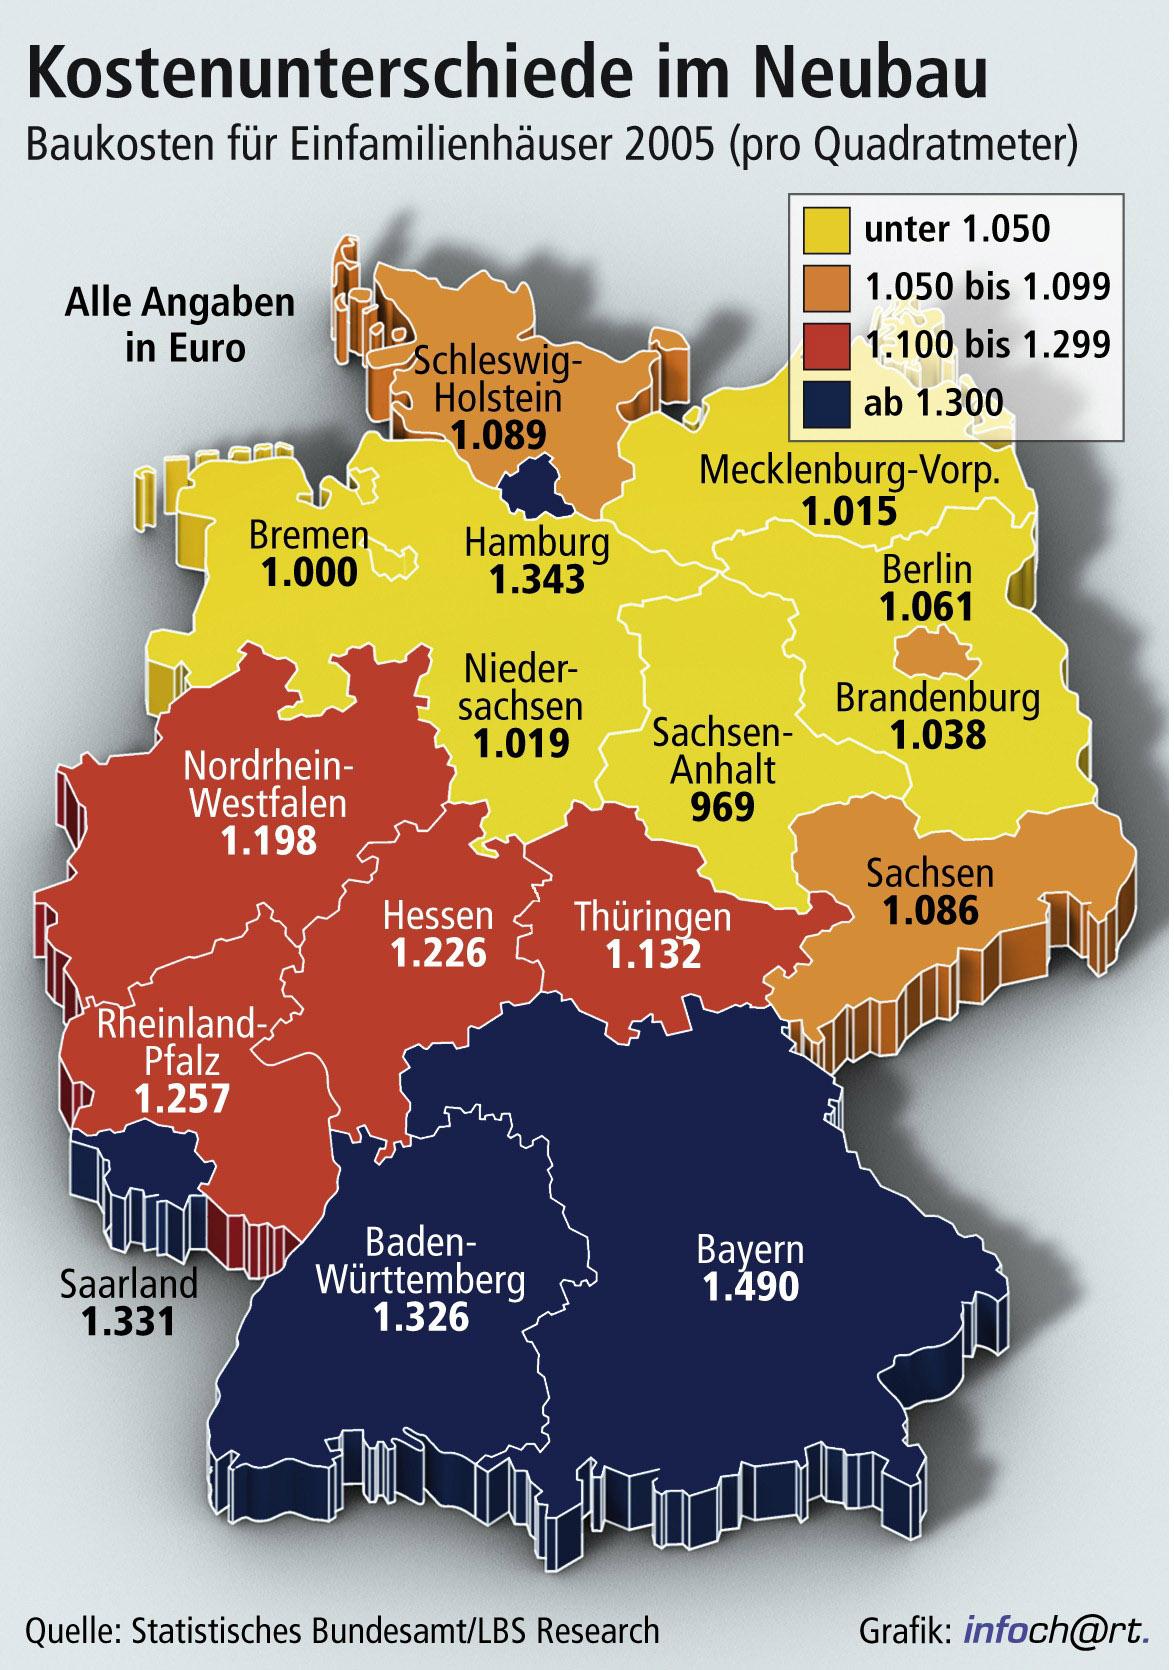 Baukosten: Eine Frage des Standorts / Quadratmeter ist in Bayern ...